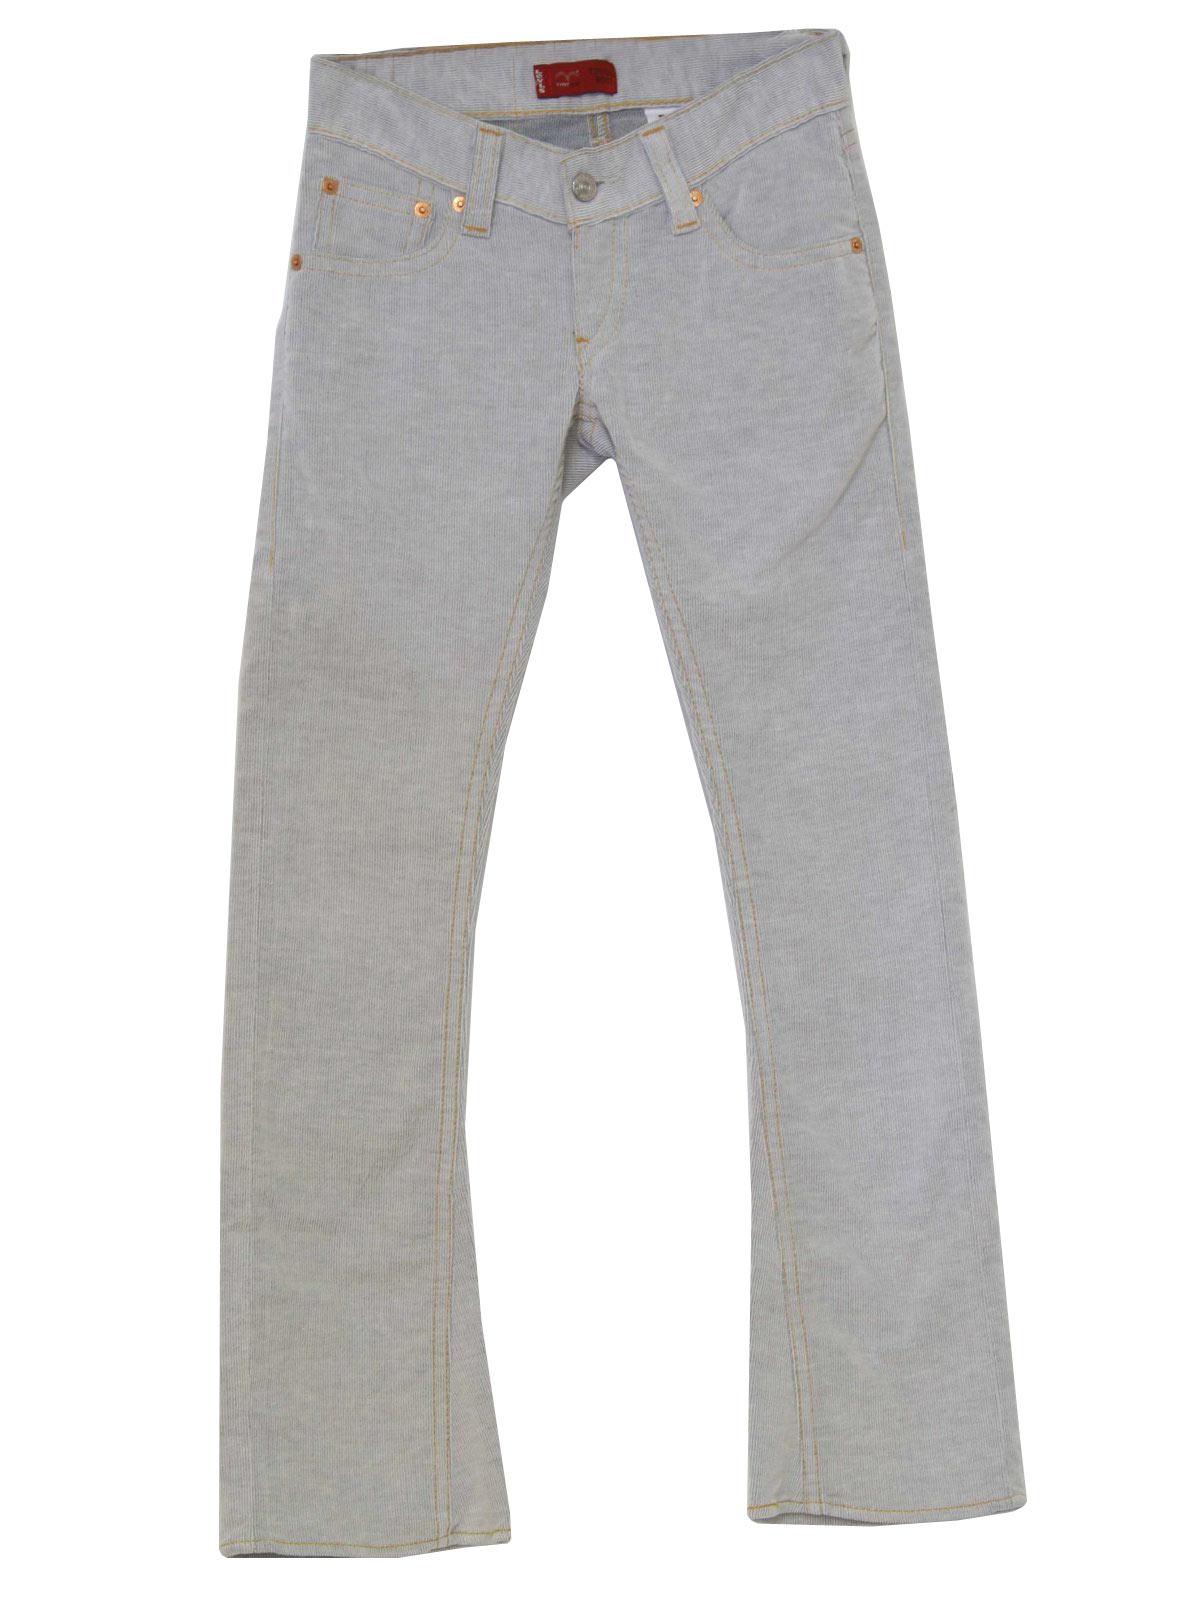 Elegant Gray LeggingsBuy Cheap Light Gray Leggings Lots From China Light Gray